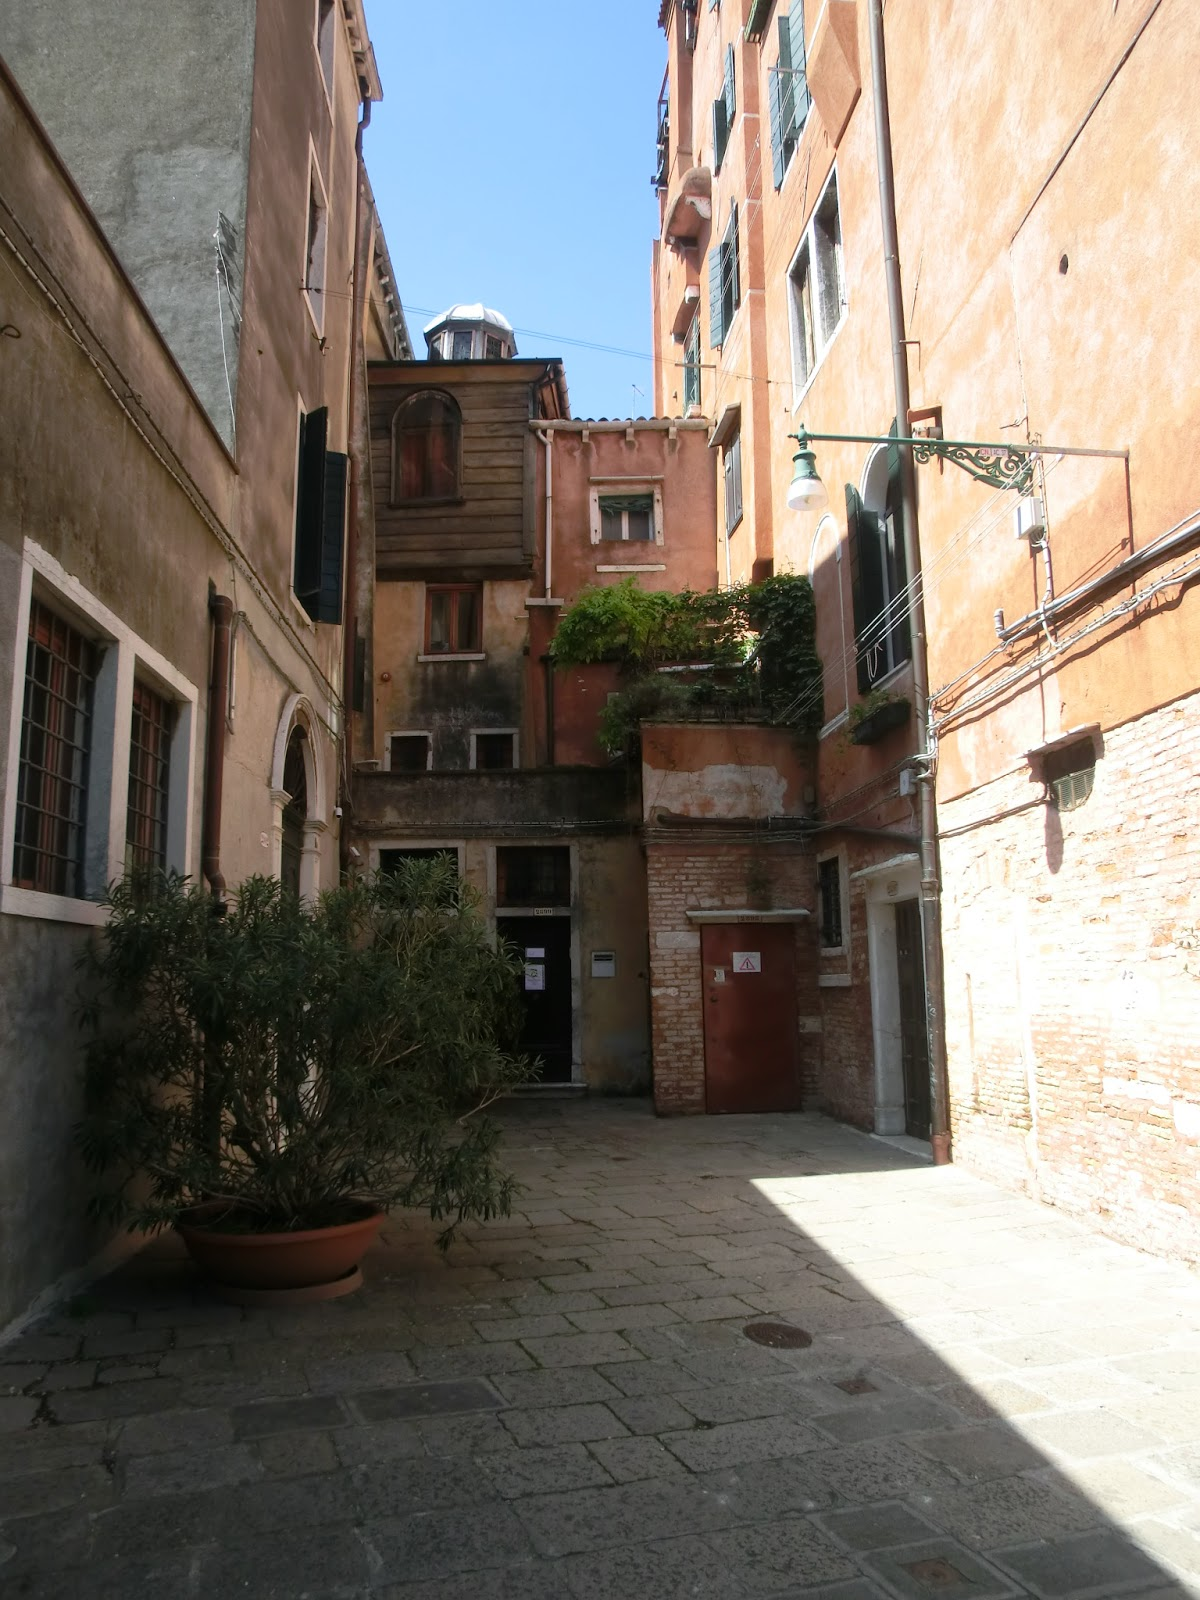 Unterwegs in Venedig: 29.3.1516 - Ghetto in Venedig